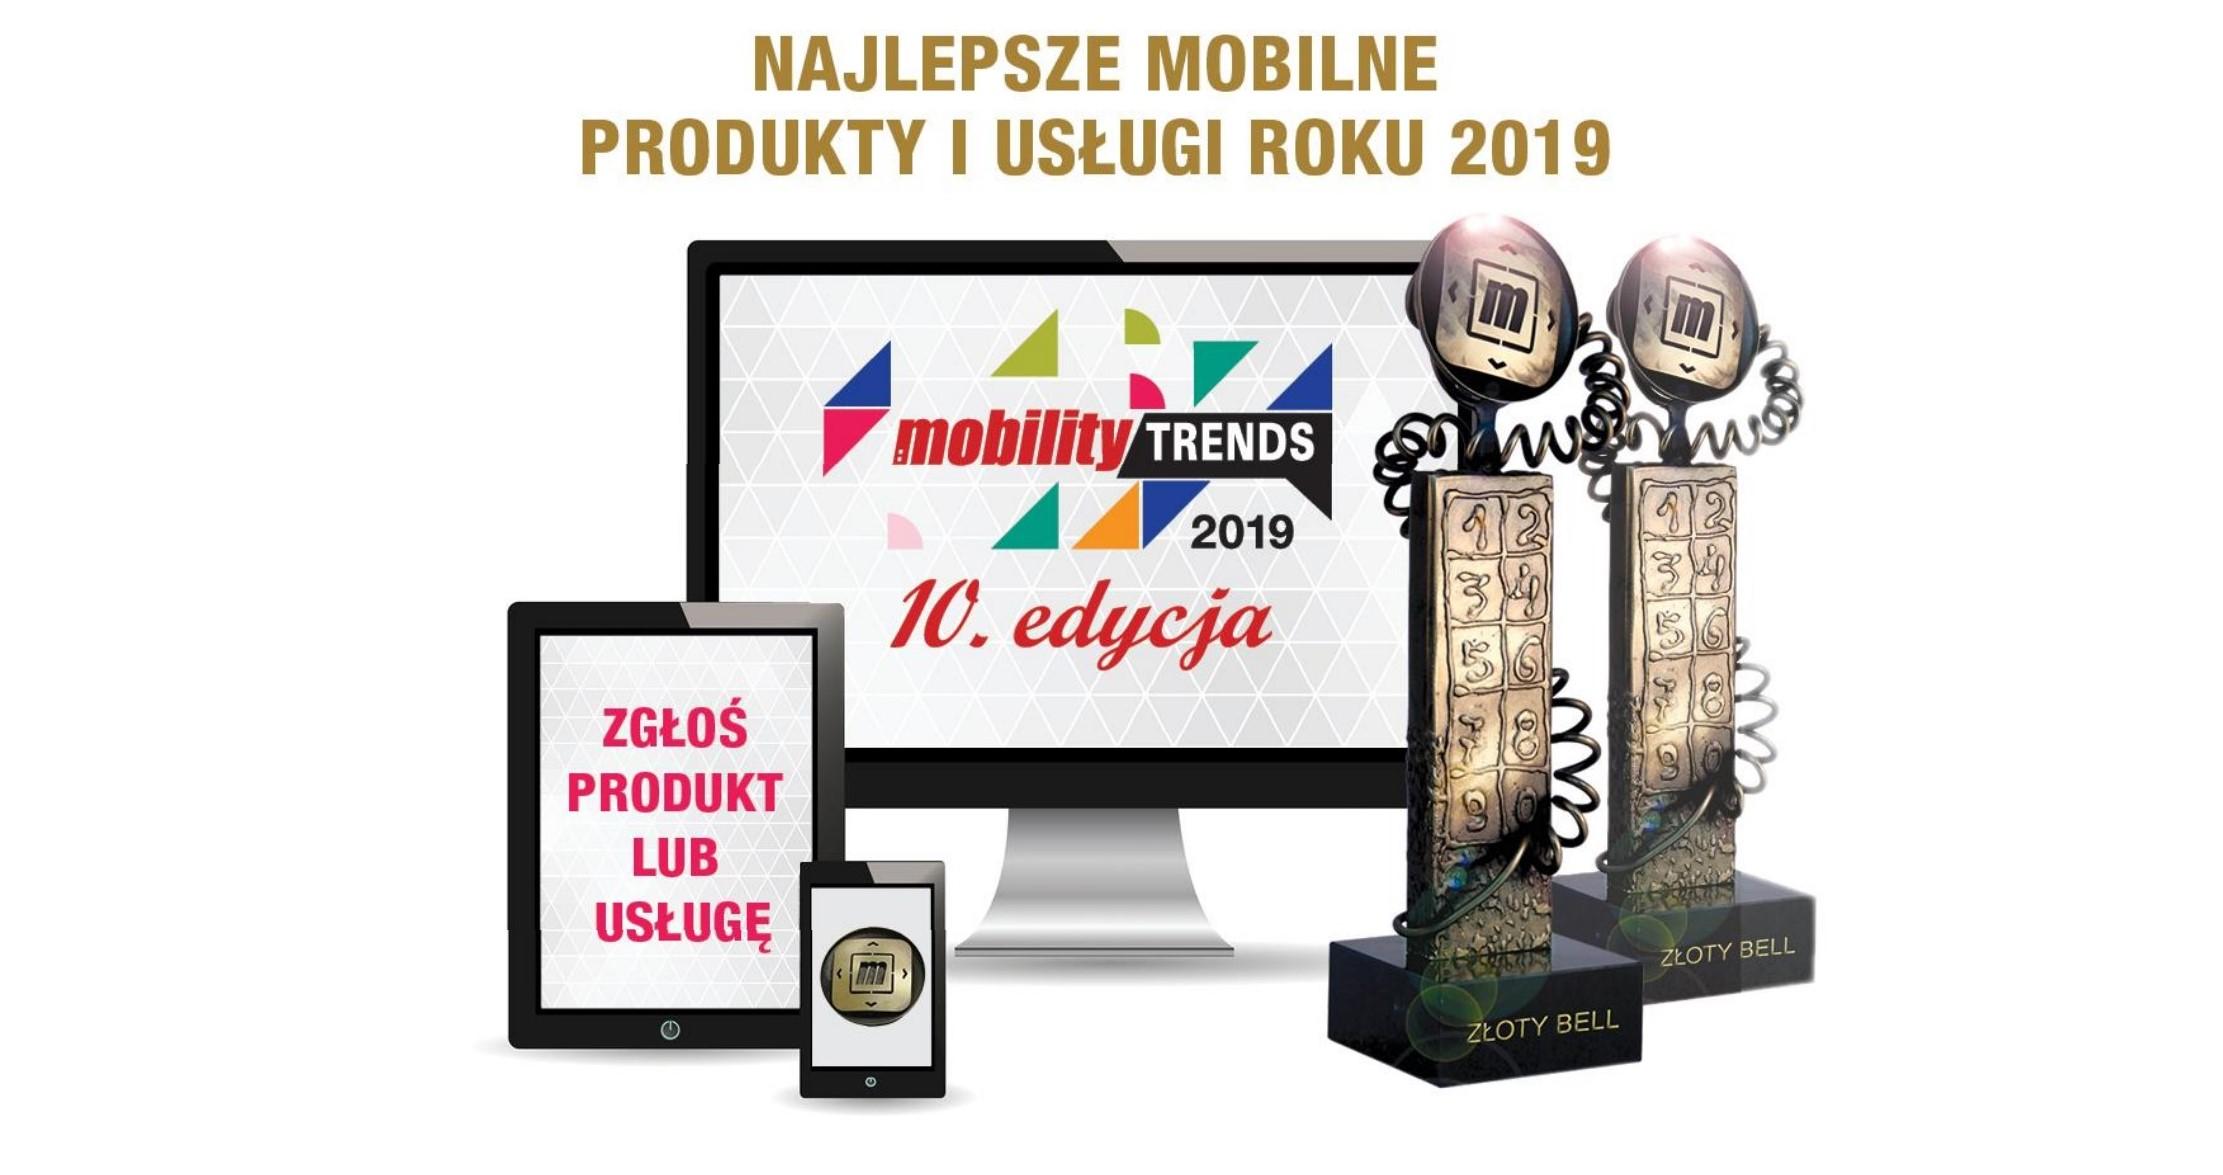 10. edycja plebiscytu Mobility Trends - dla uczestników przewidziano nagrody! 24